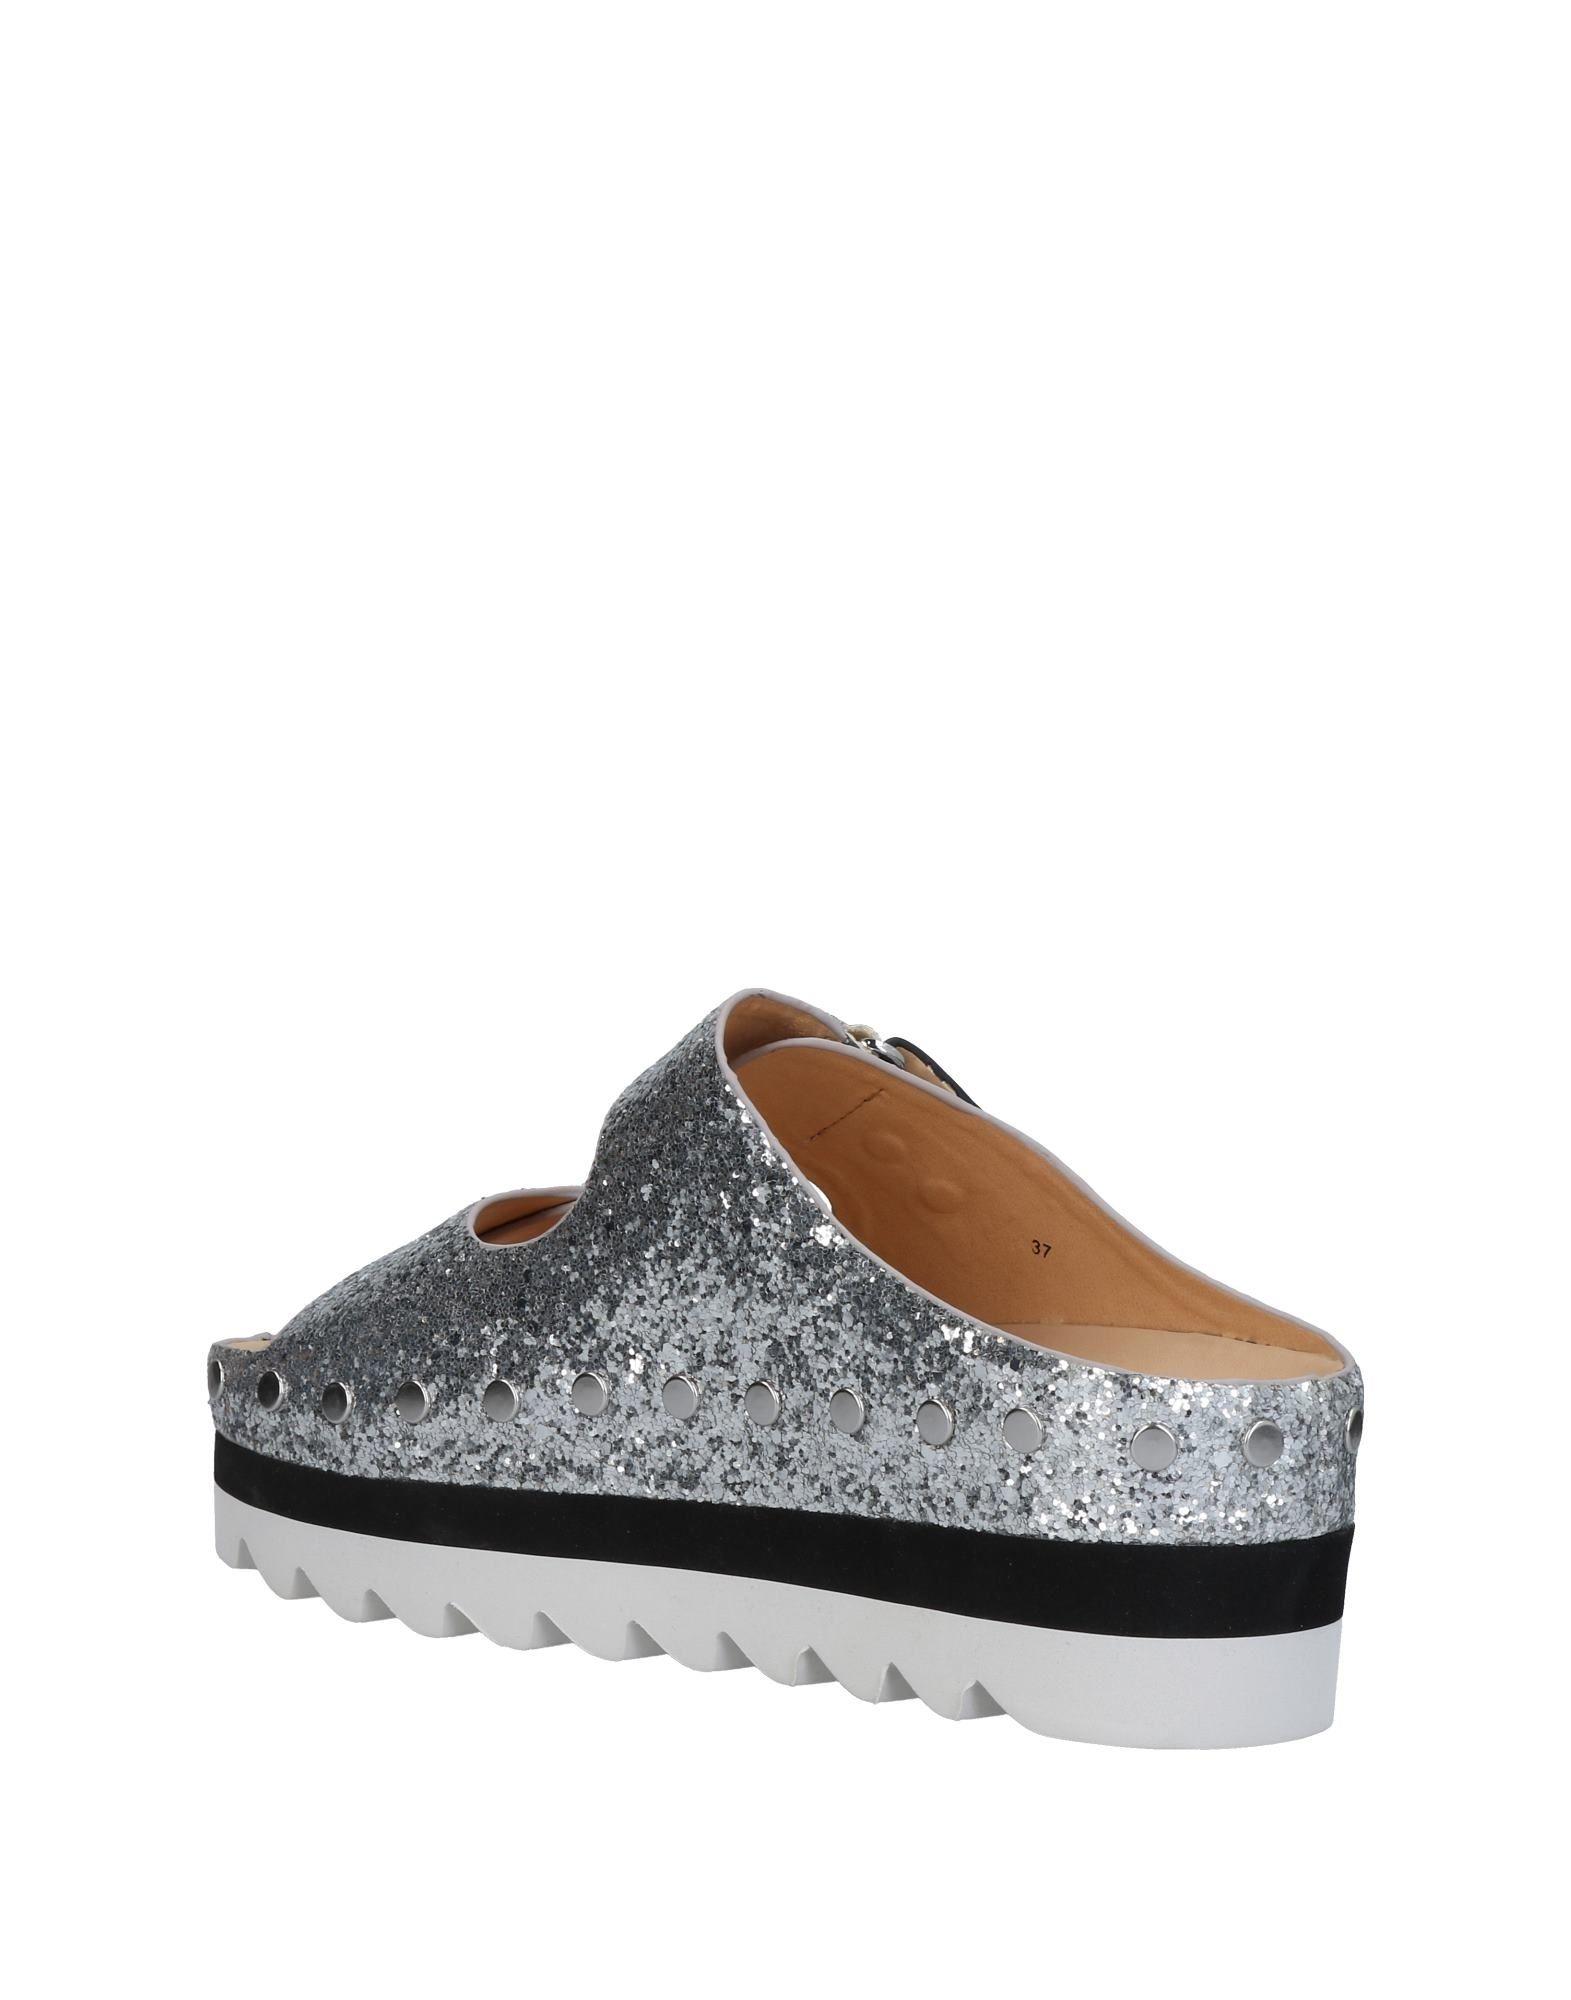 Luca Stefani Sandalen Damen beliebte  11437418CJ Gute Qualität beliebte Damen Schuhe 7ff1d8